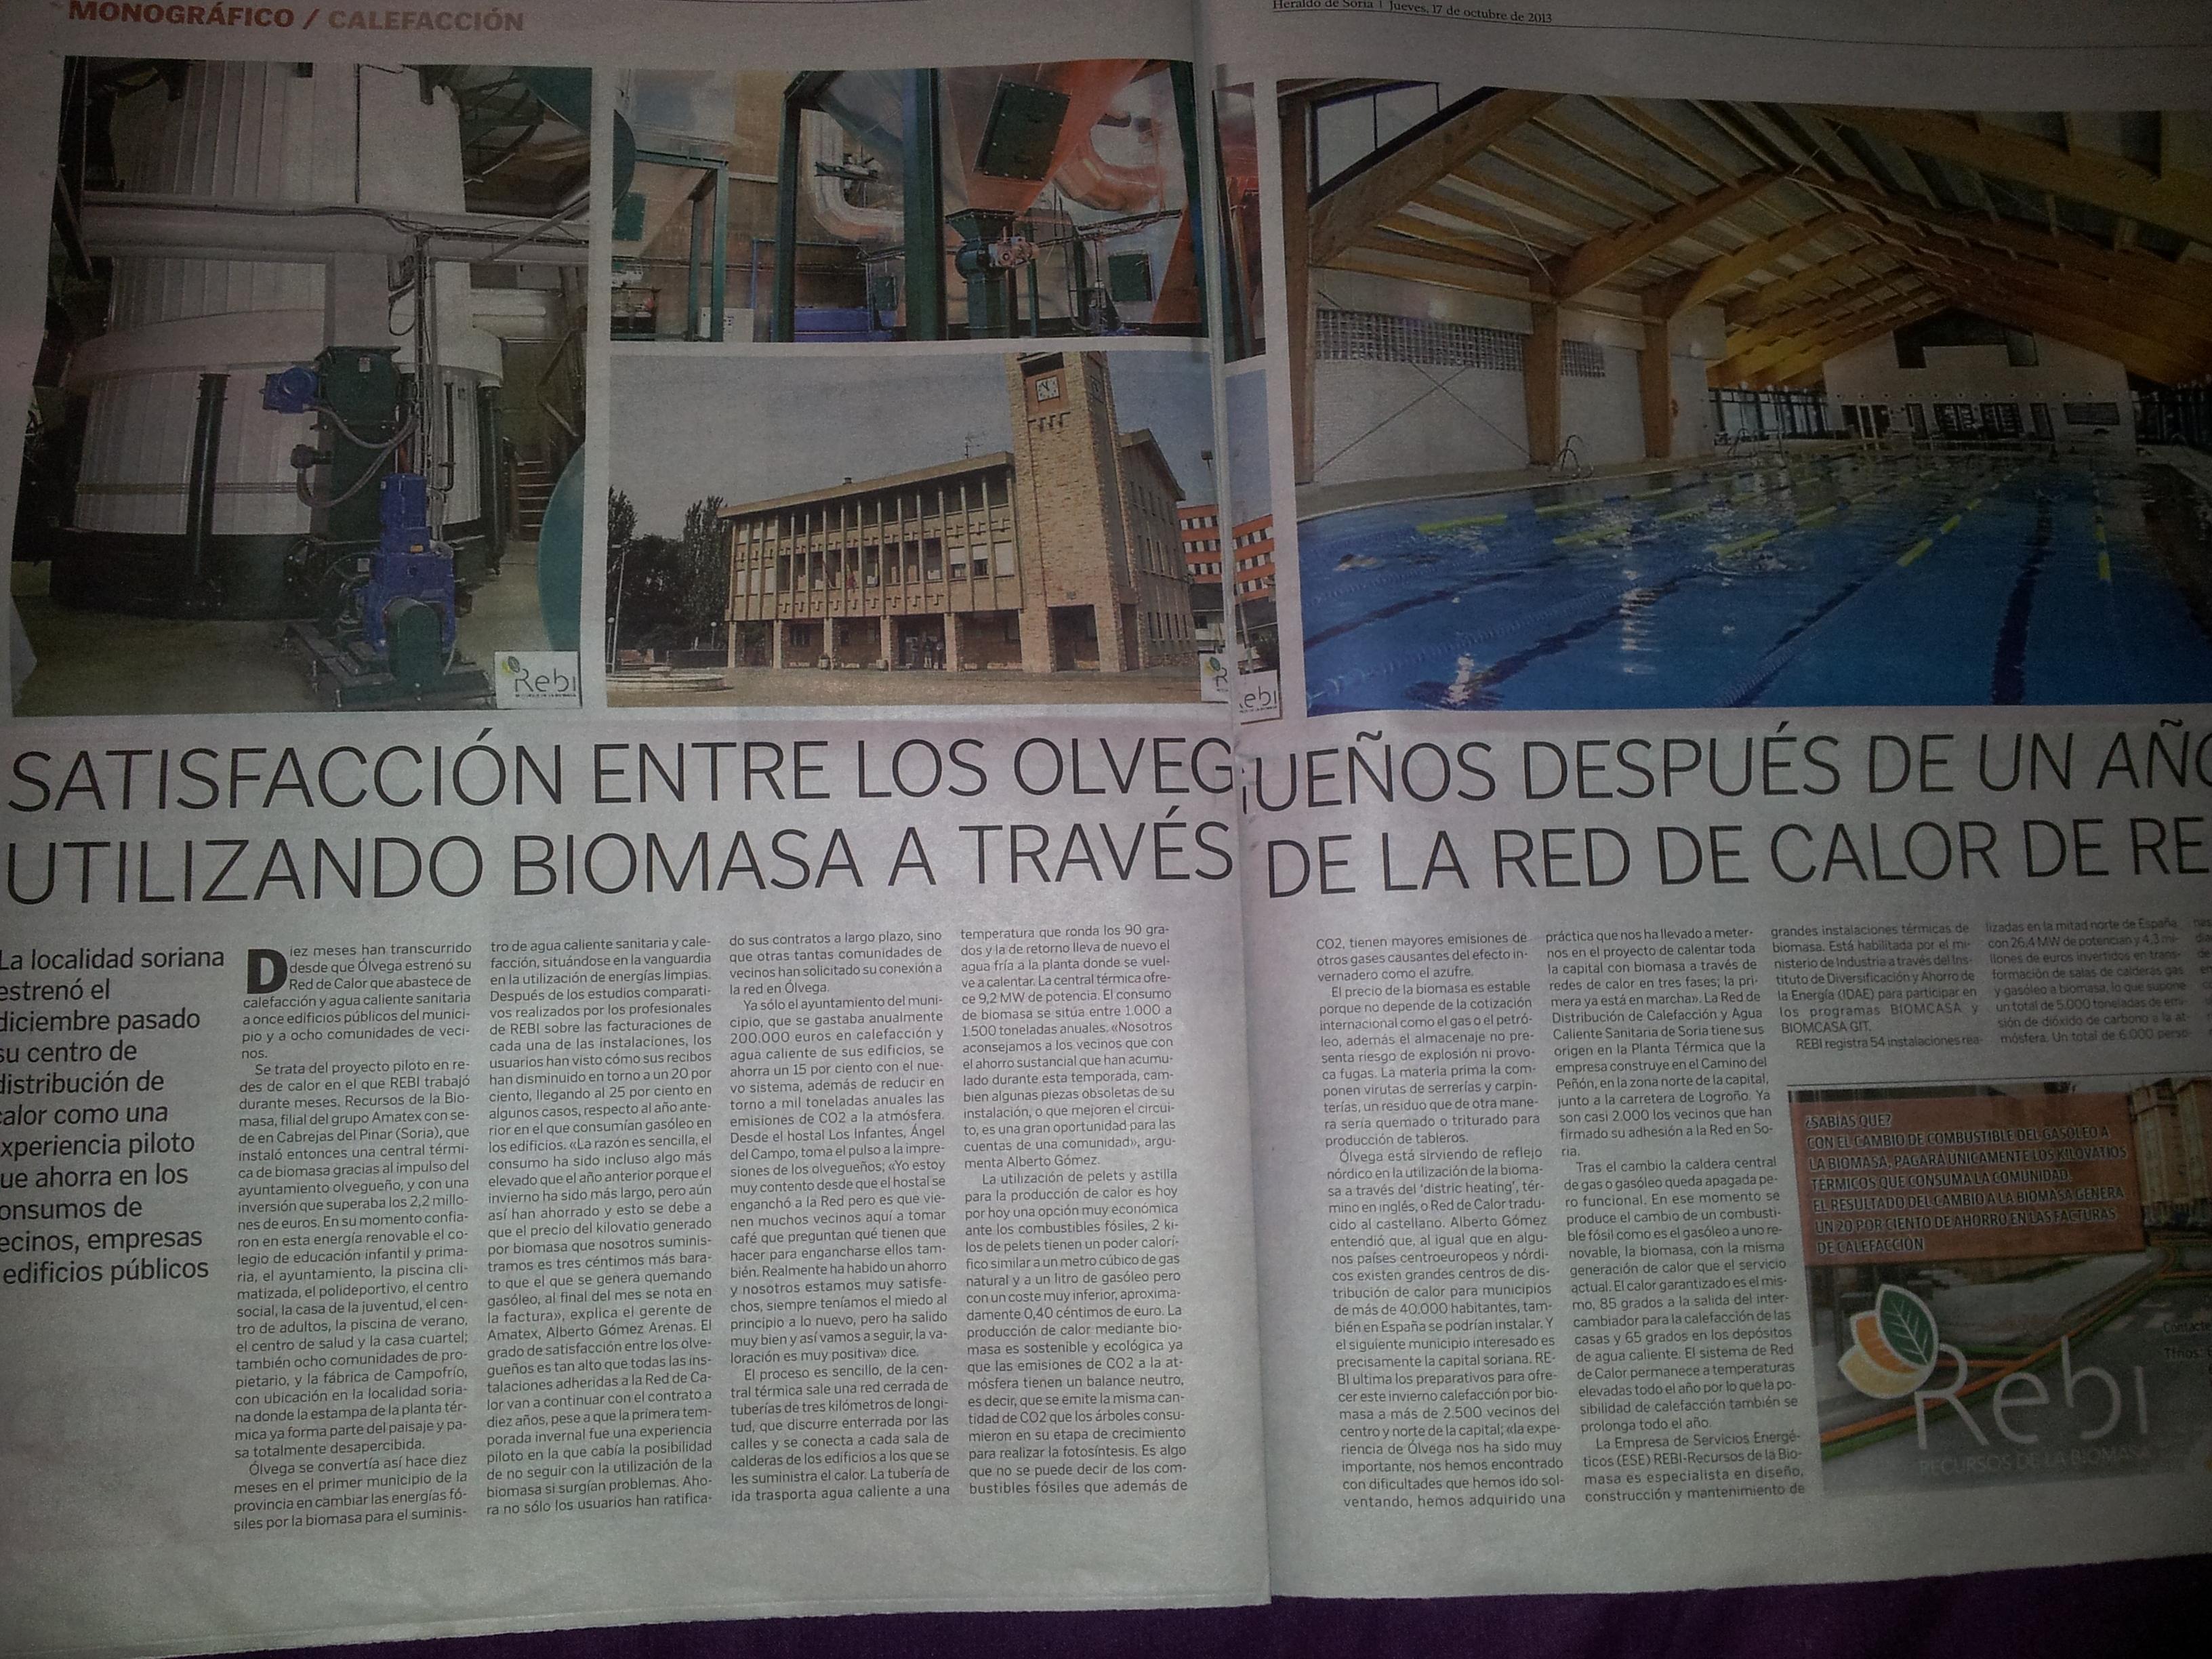 Reportaje en el suplemento de calefacción publicado por Heraldo de Soria el 17 de octubre de 2013